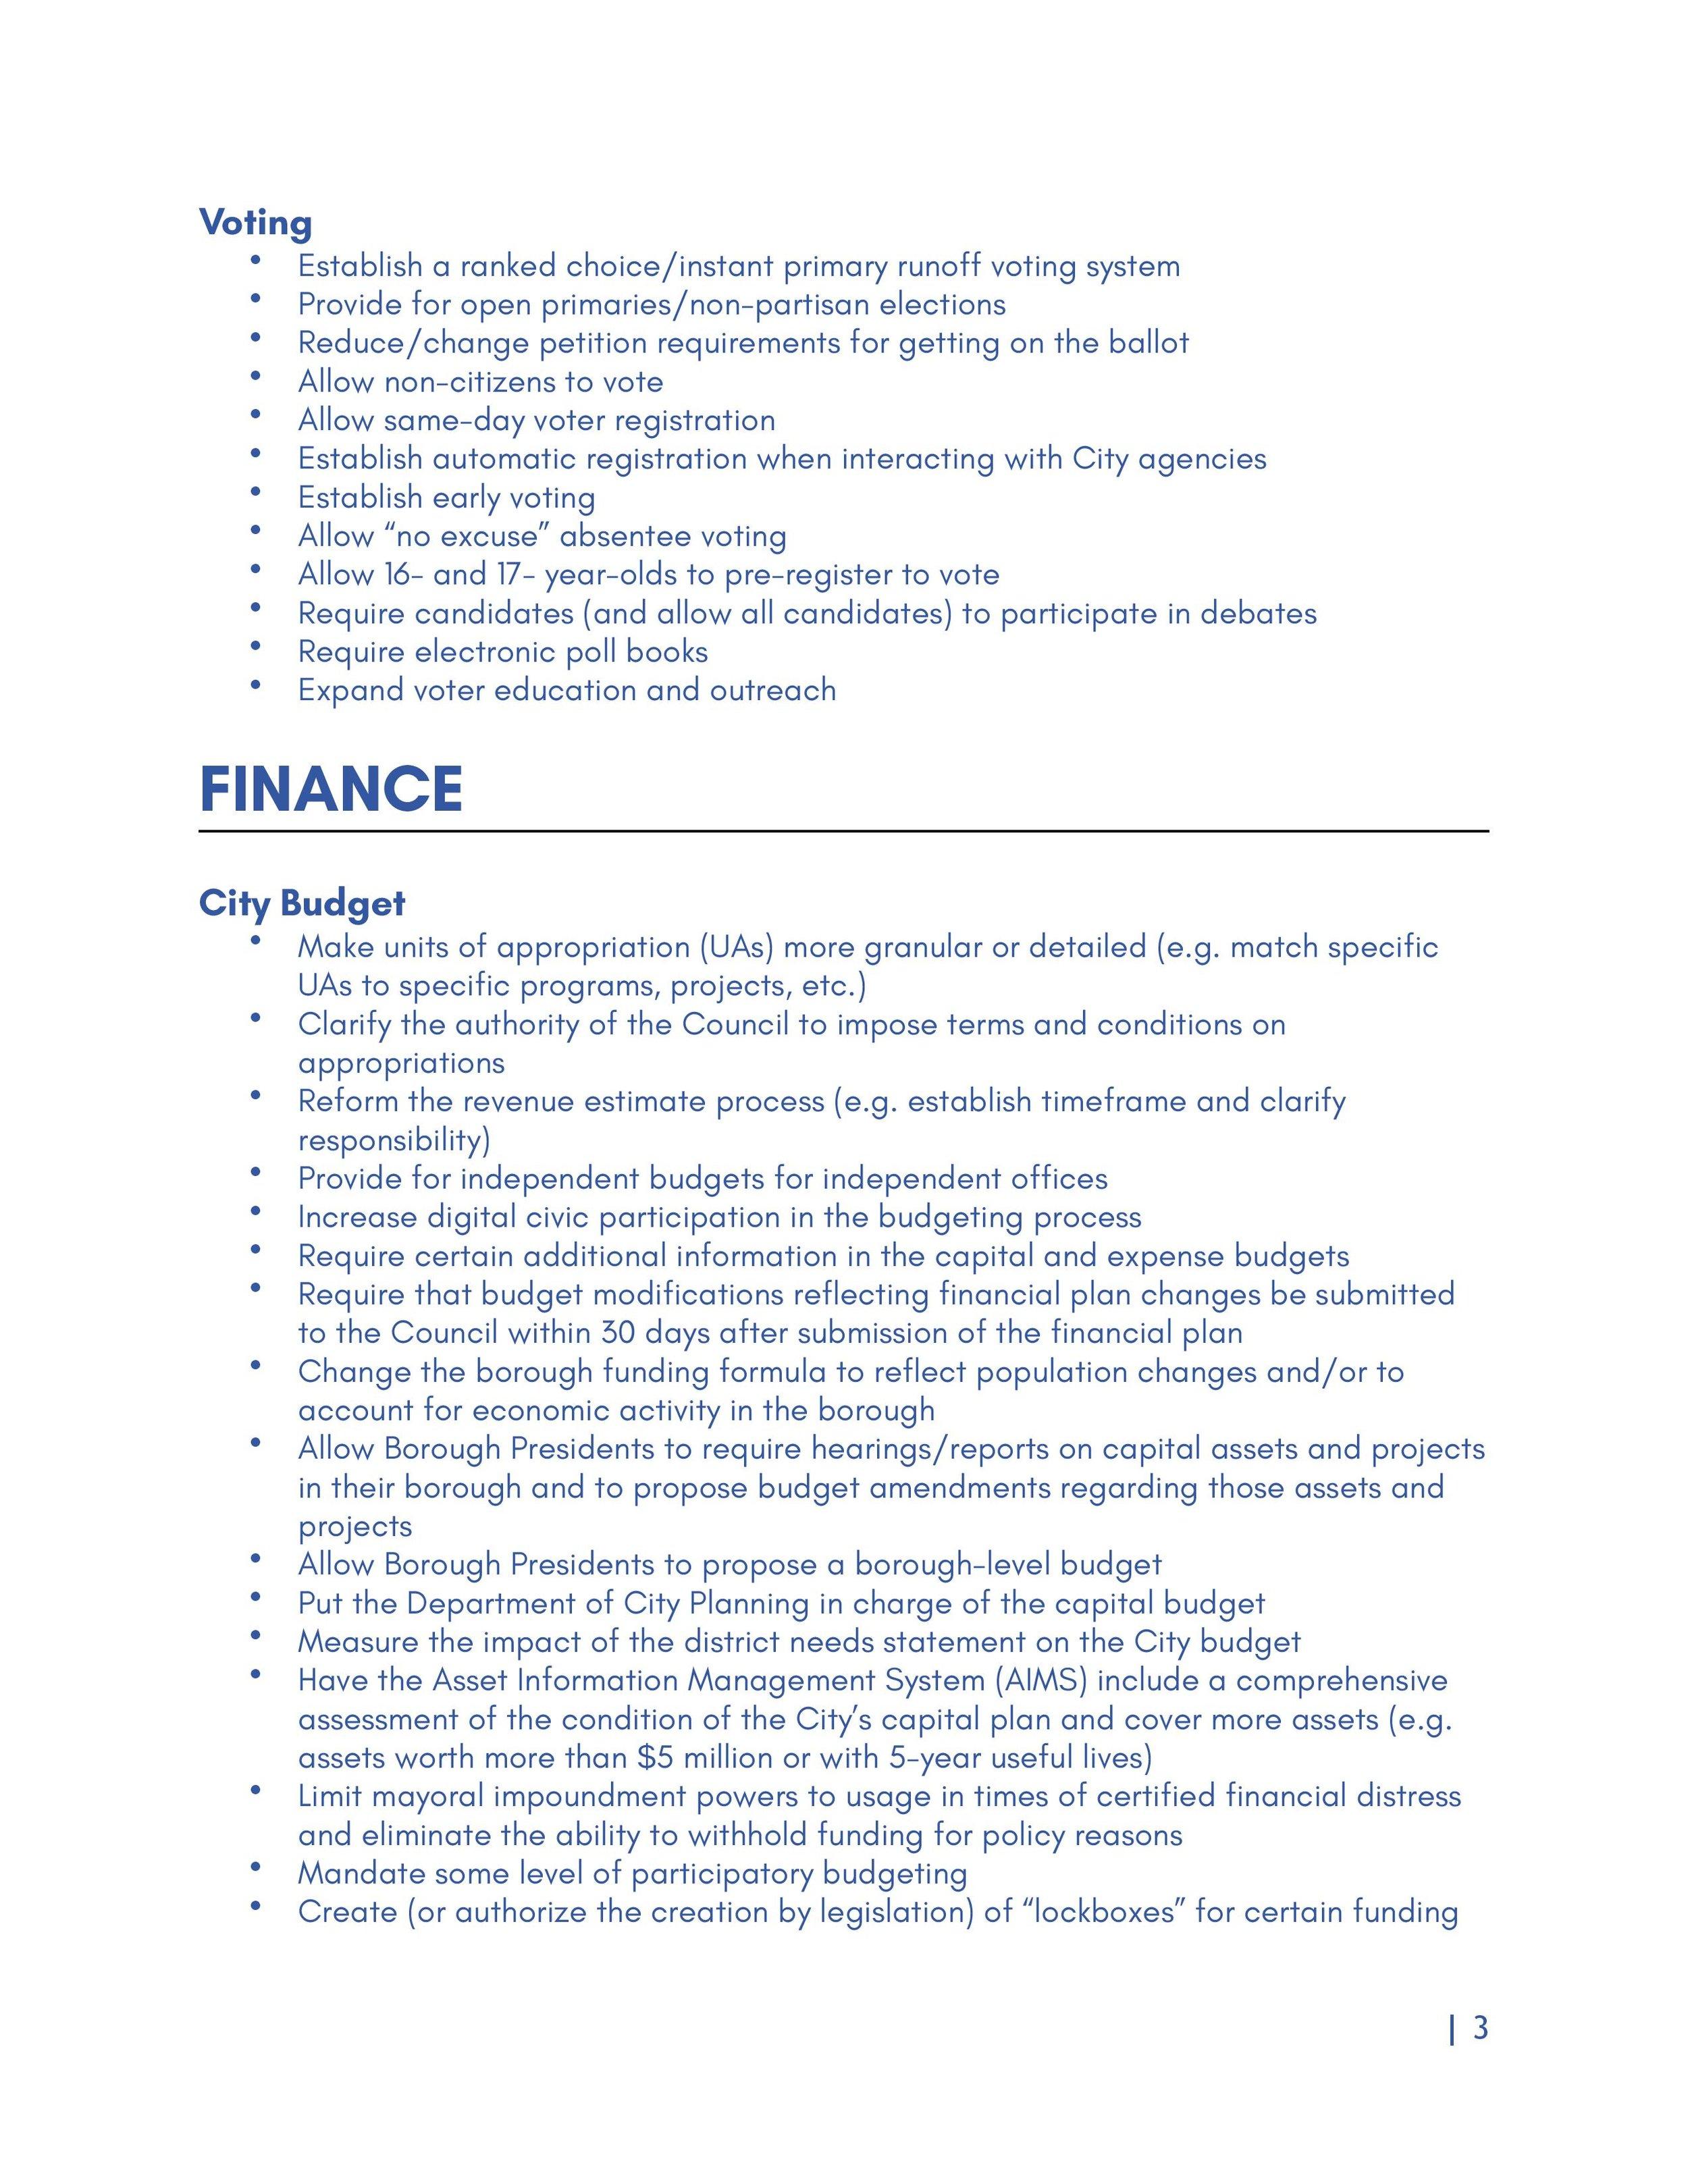 Proposals-page-003.jpg